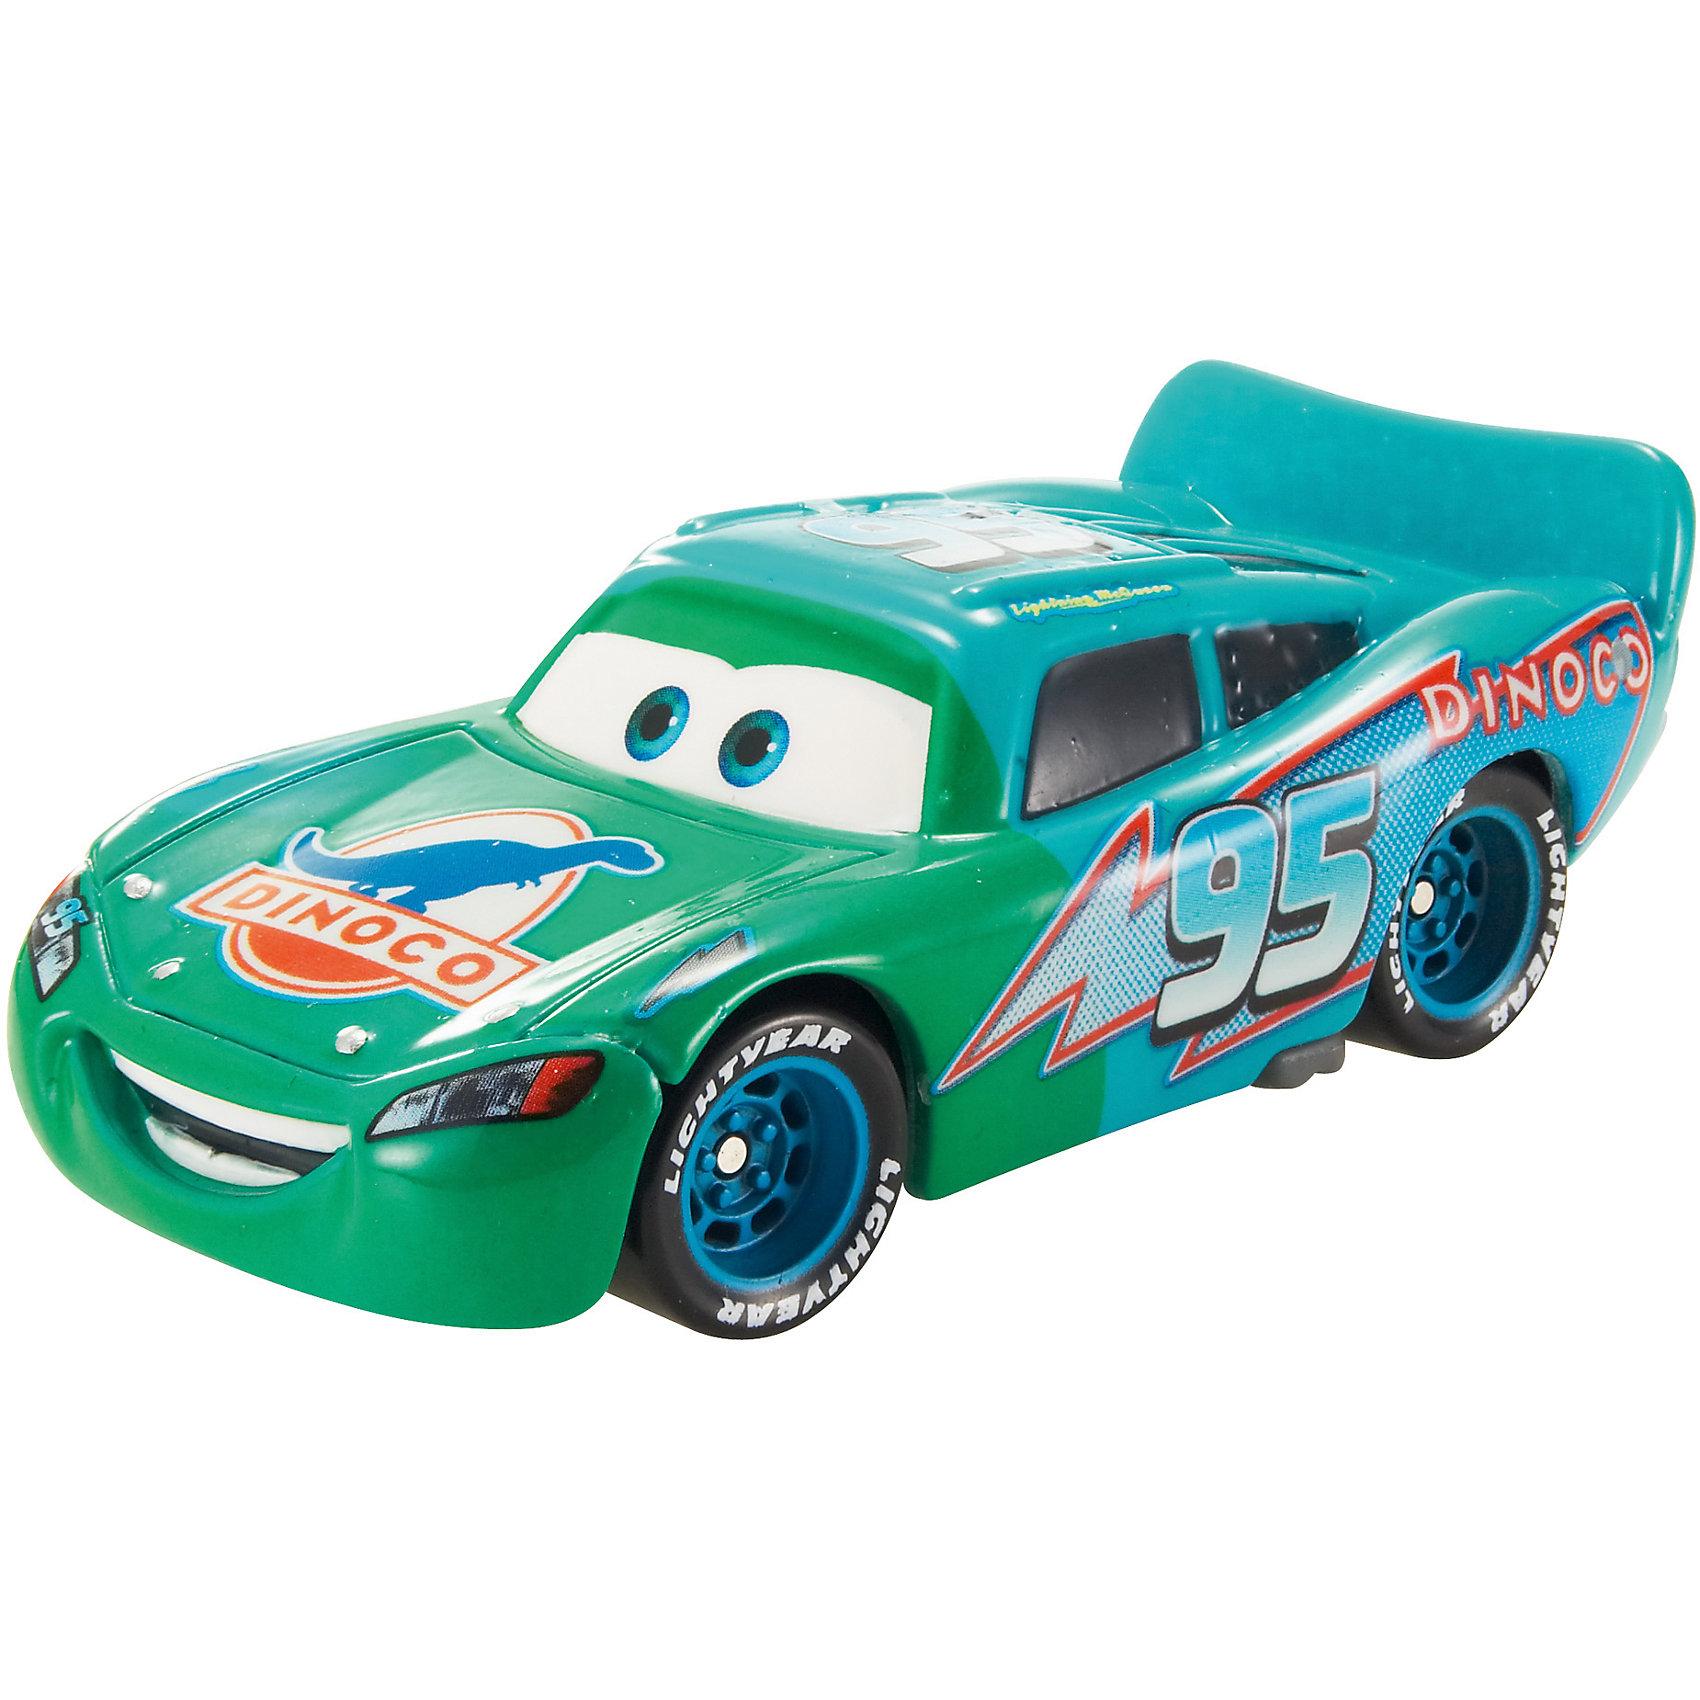 Машинка, меняющая цвет, ТачкиМашинка, меняющая цвет, Тачки от Mattel (Маттел) ? герои любимого мультфильма Тачки представлены в новой уникальной серии Color Changers от Mattel. Машинка выполнена из высококачественного пластика, устойчивого к механическим повреждениям. У машины вращающиеся колеса и инерционный механизм. <br>Машинка Молния Маккуин выполнена в зеленых и бирюзовых тонах. При погружении в воду, корпус машинки меняет цвет, насыщенность цвета зависит от температуры воды.<br>Машинка, меняющая цвет, Тачки от Mattel (Маттел) позволит не только создать уникальный дизайн машинки, но и воспроизвести полюбившиеся сцены из мультфильма или придумать свою историю с главными героями.<br><br>Дополнительная информация:<br><br>- Вид игр: сюжетно-ролевые <br>- Предназначение: для дома<br>- Серия: Color Changers<br>- Материал: пластик<br>- Размер: 4,5*14*21,5 см<br>- Вес: 84 г <br>- Особенности ухода: разрешается мыть<br><br>Подробнее:<br><br>• Для детей в возрасте: от 3 лет и до 10 лет<br>• Страна производитель: Китай<br>• Торговый бренд: Mattel<br><br>Машинку, меняющую цвет, Тачки от Mattel (Маттел) можно купить в нашем интернет-магазине.<br><br>Ширина мм: 45<br>Глубина мм: 140<br>Высота мм: 215<br>Вес г: 84<br>Возраст от месяцев: 36<br>Возраст до месяцев: 120<br>Пол: Мужской<br>Возраст: Детский<br>SKU: 4918470